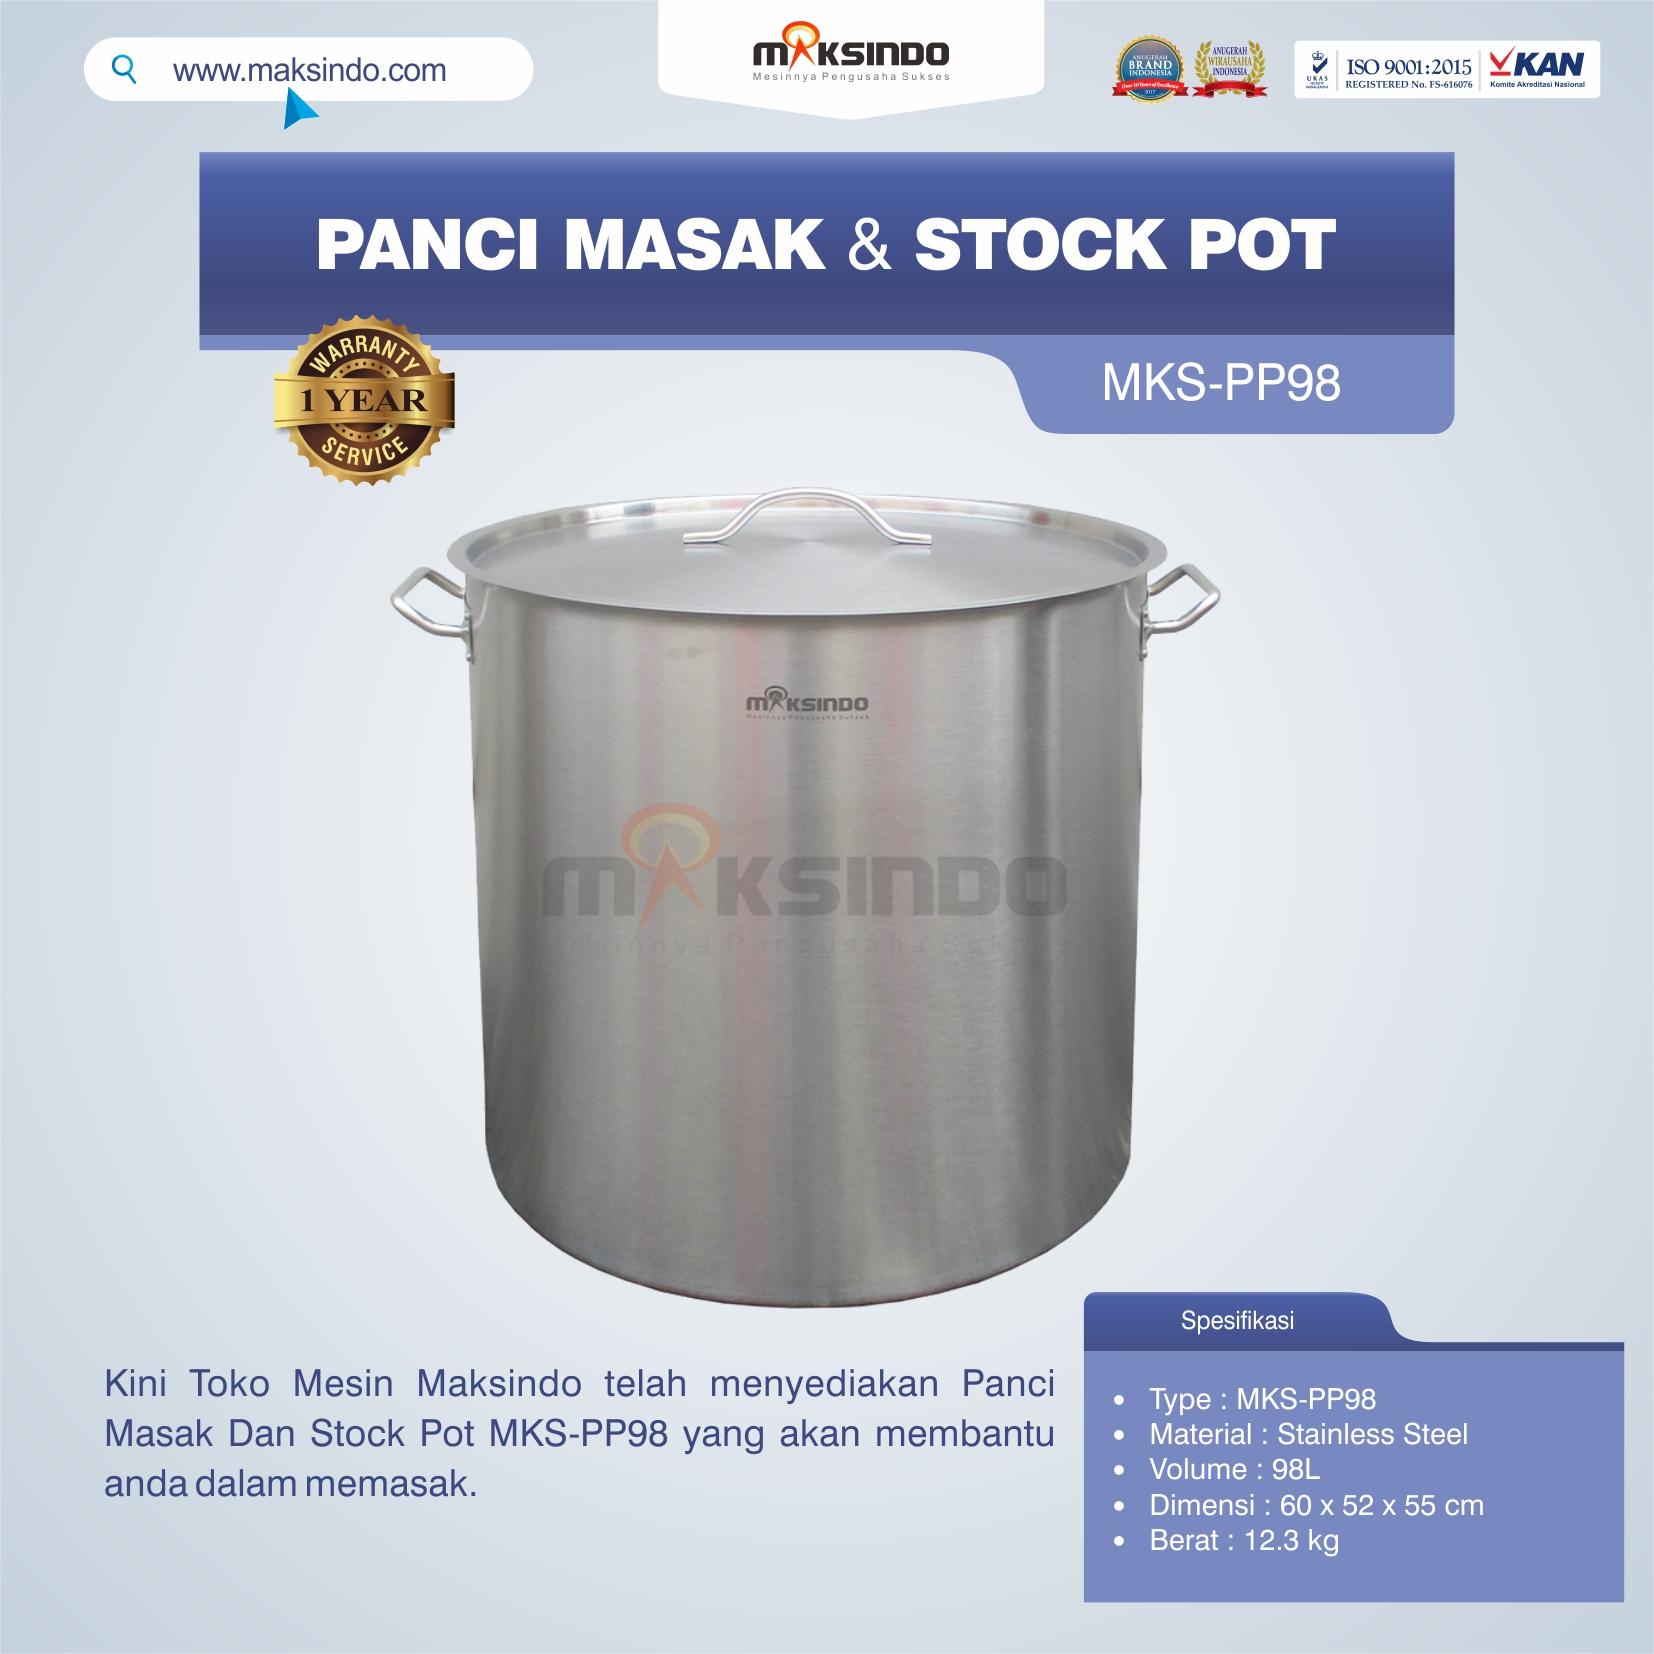 Jual Panci Masak Dan Stock Pot MKS-PP98 di Blitar